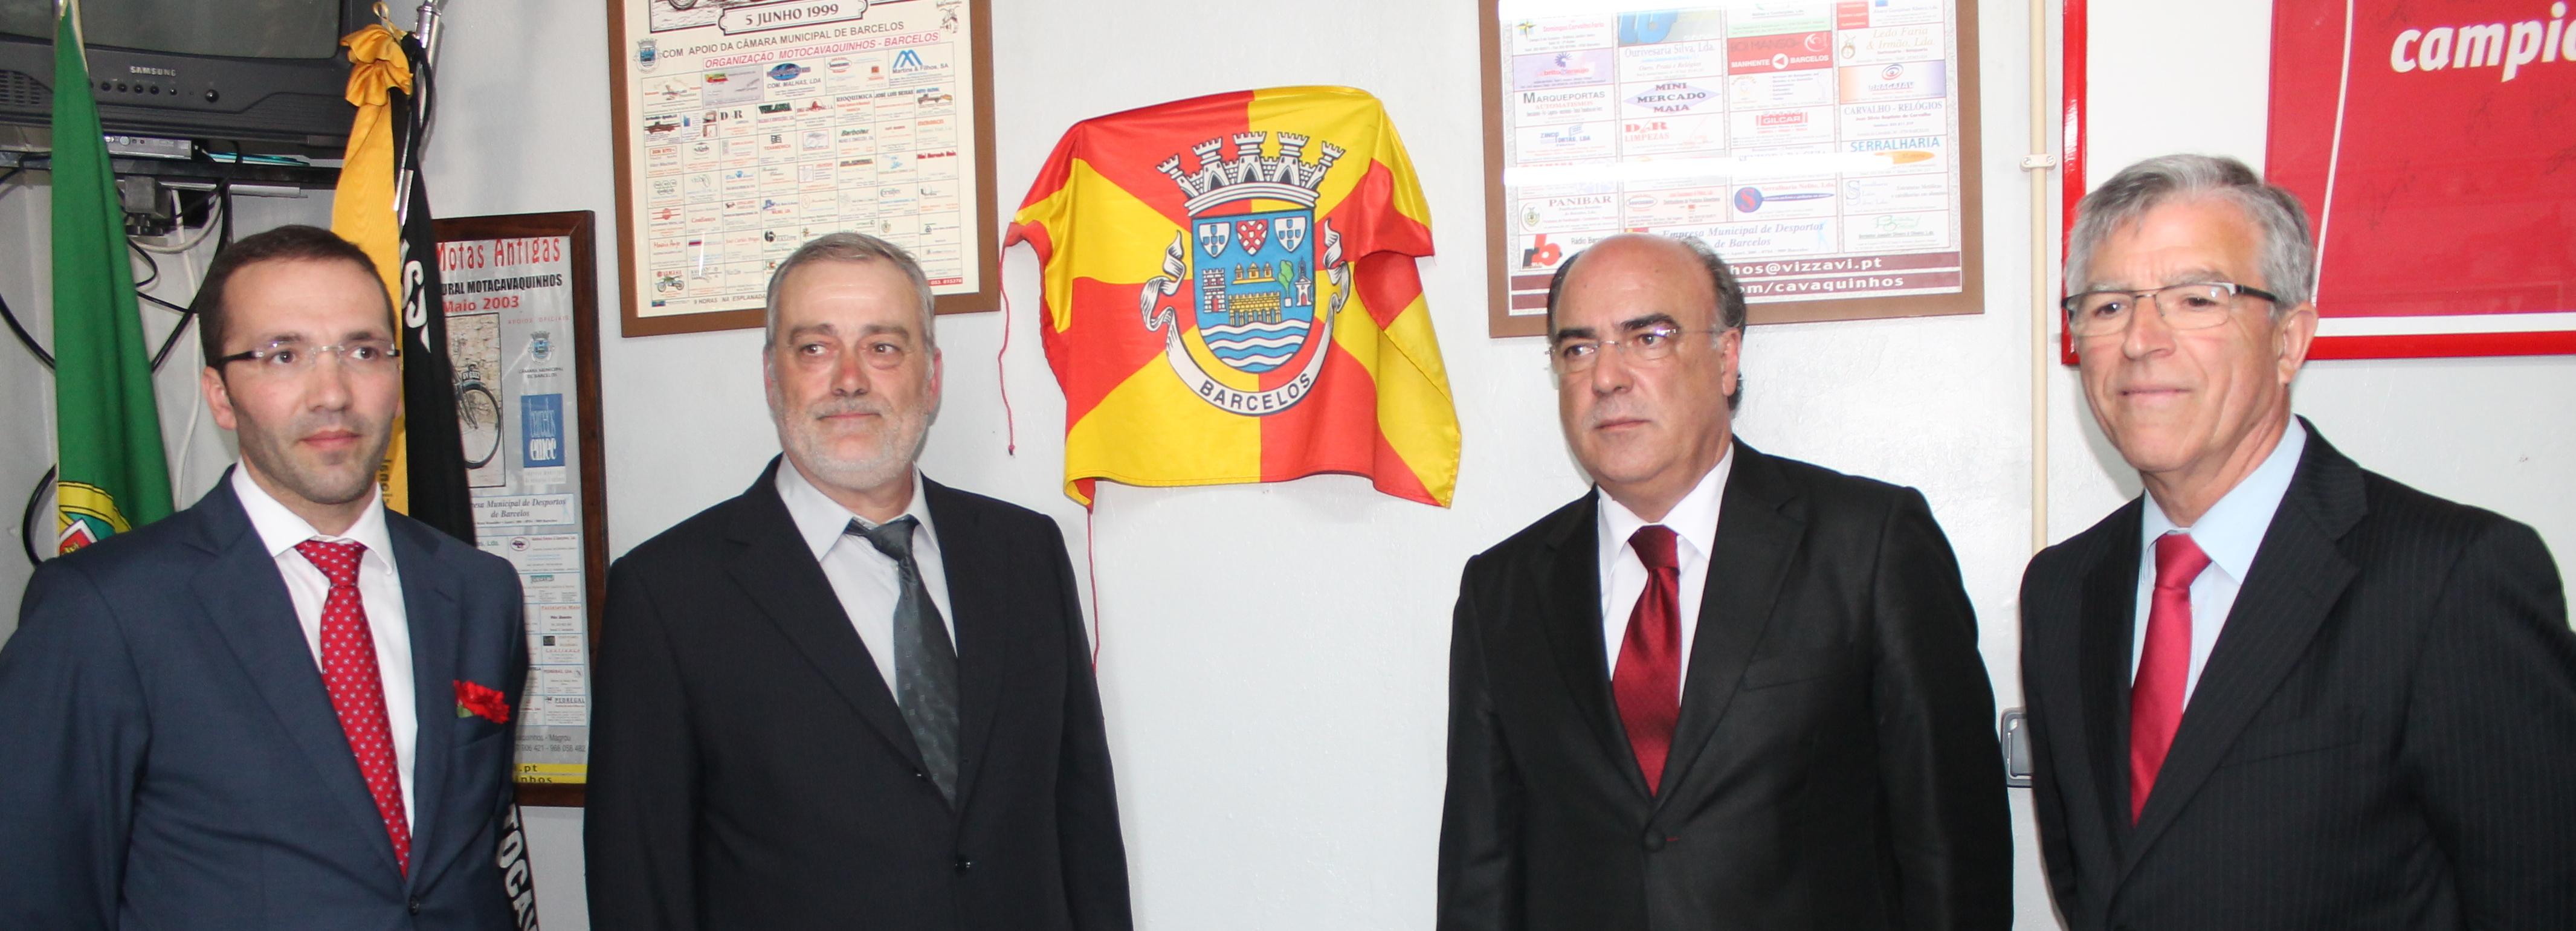 Presidente da Câmara inaugura sede da MotoCavaquinhos em dia de aniversário da associação